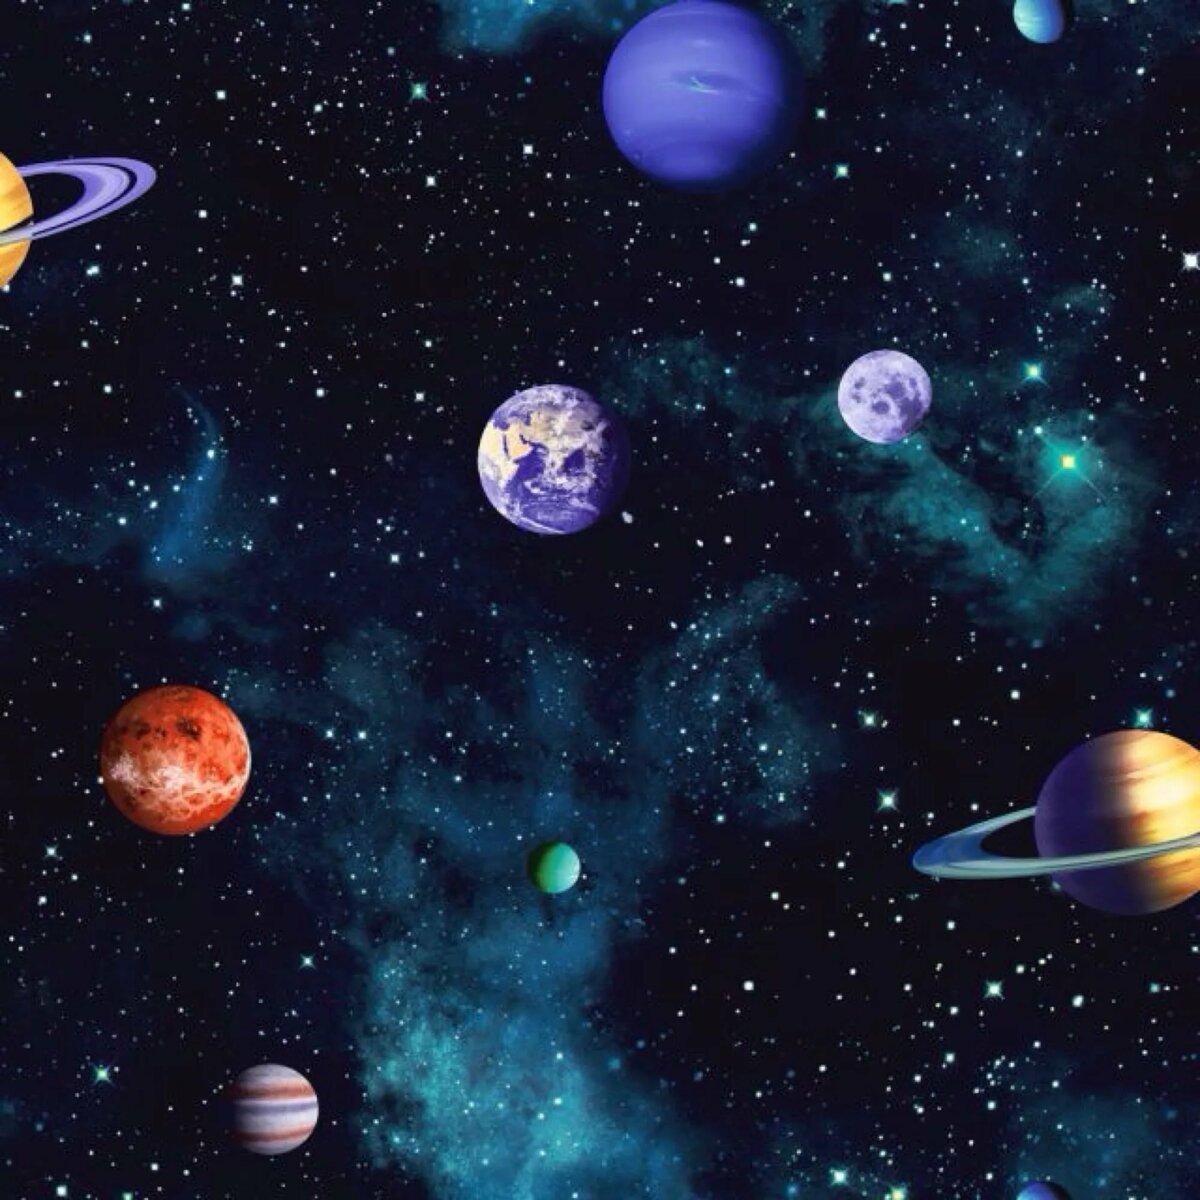 Картинки с космоса для детей, приколы